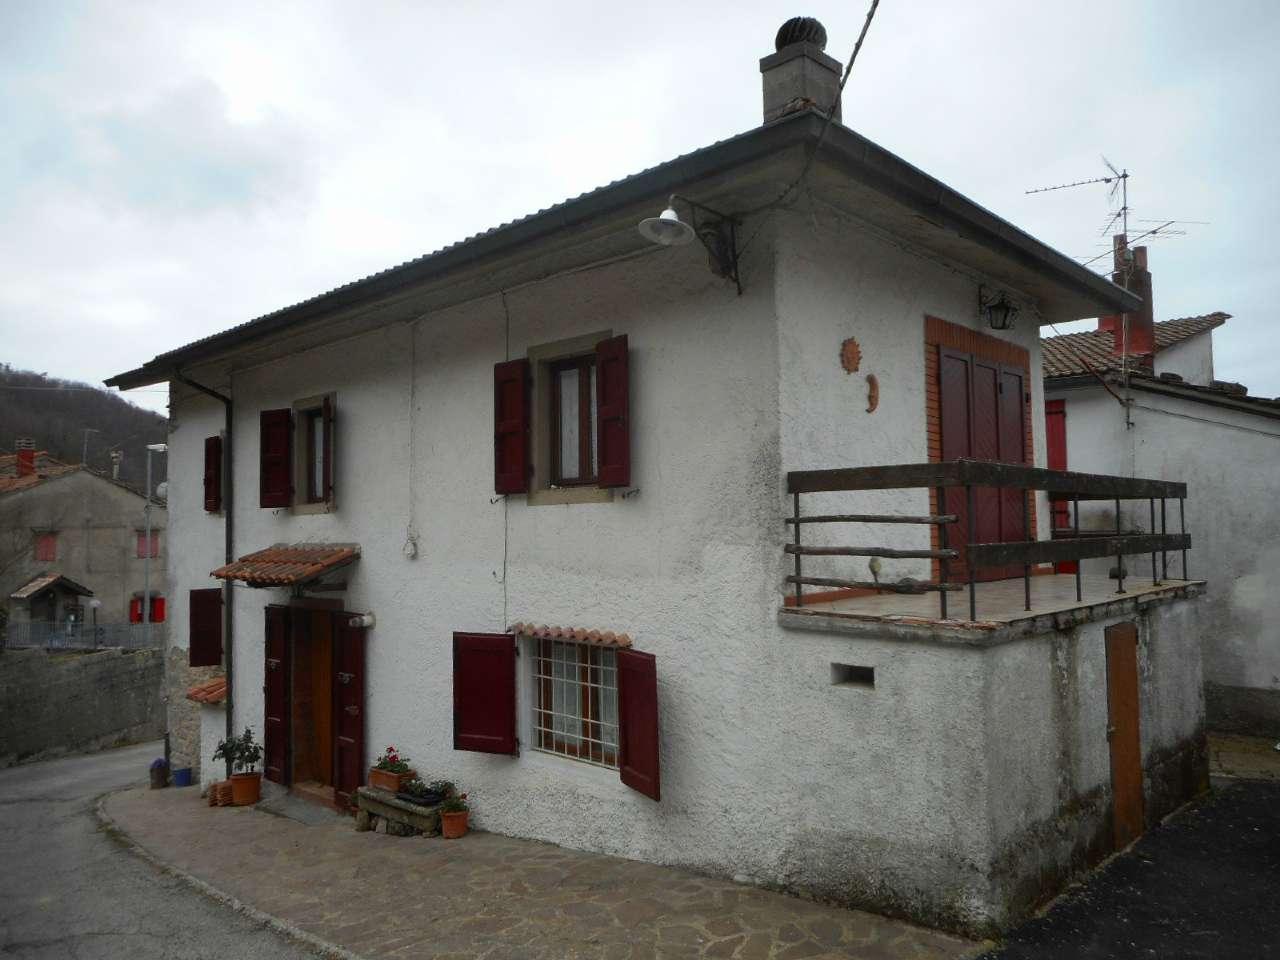 Palazzo / Stabile in vendita a Pistoia, 6 locali, prezzo € 145.000 | CambioCasa.it